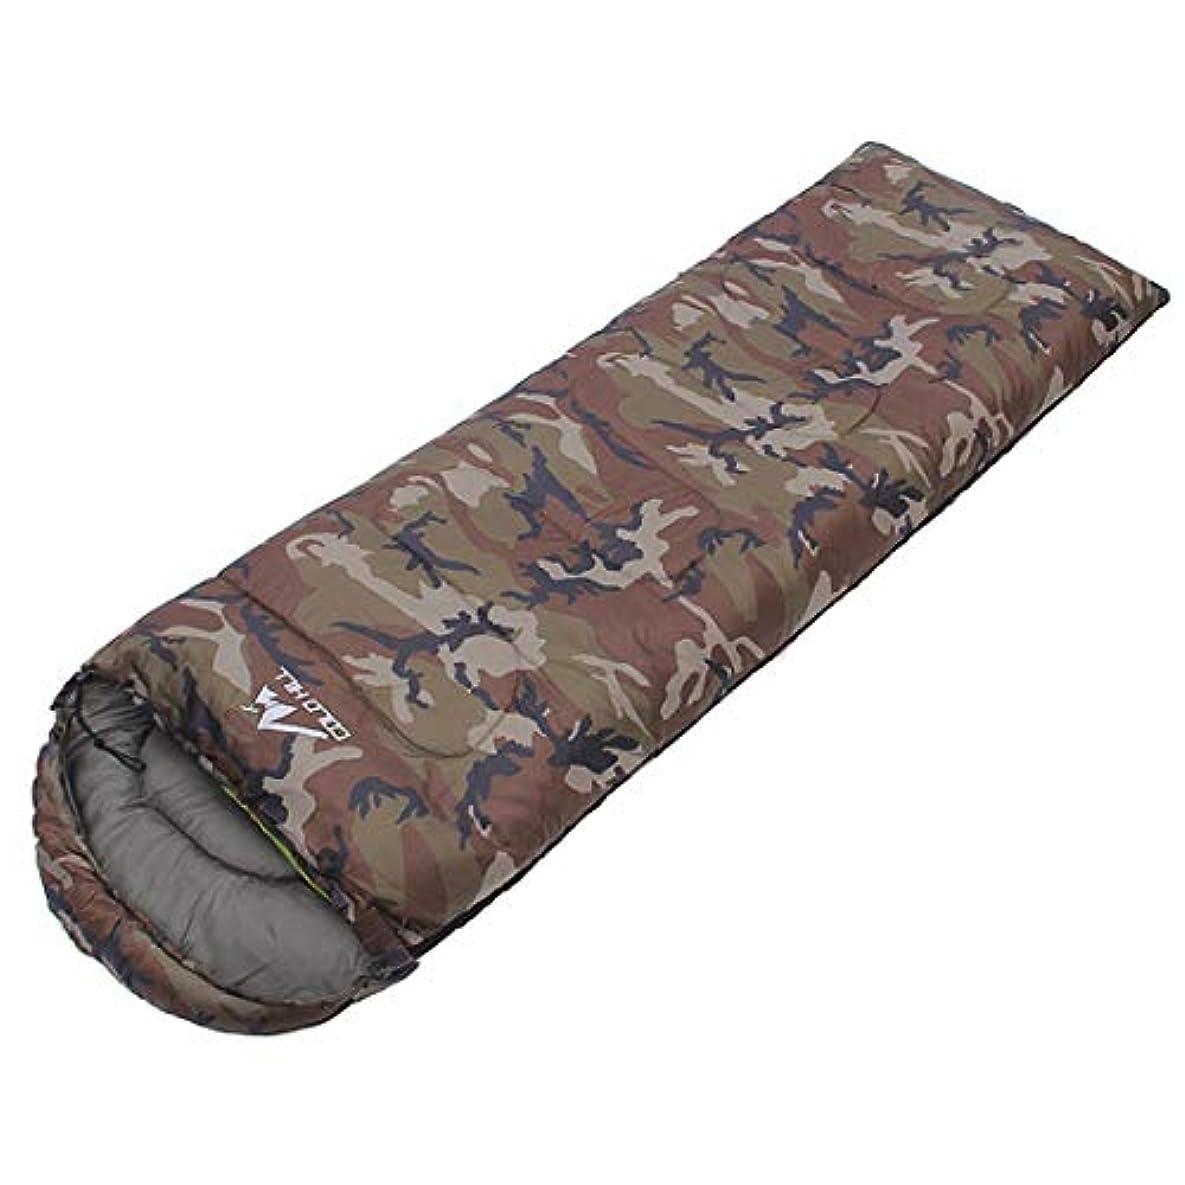 溝厄介な季節CUBCBIIS 独身者のキャンプの寝袋の軽量の暖かく通気性の理想的なキャンプ用品 (サイズ : 75cm)